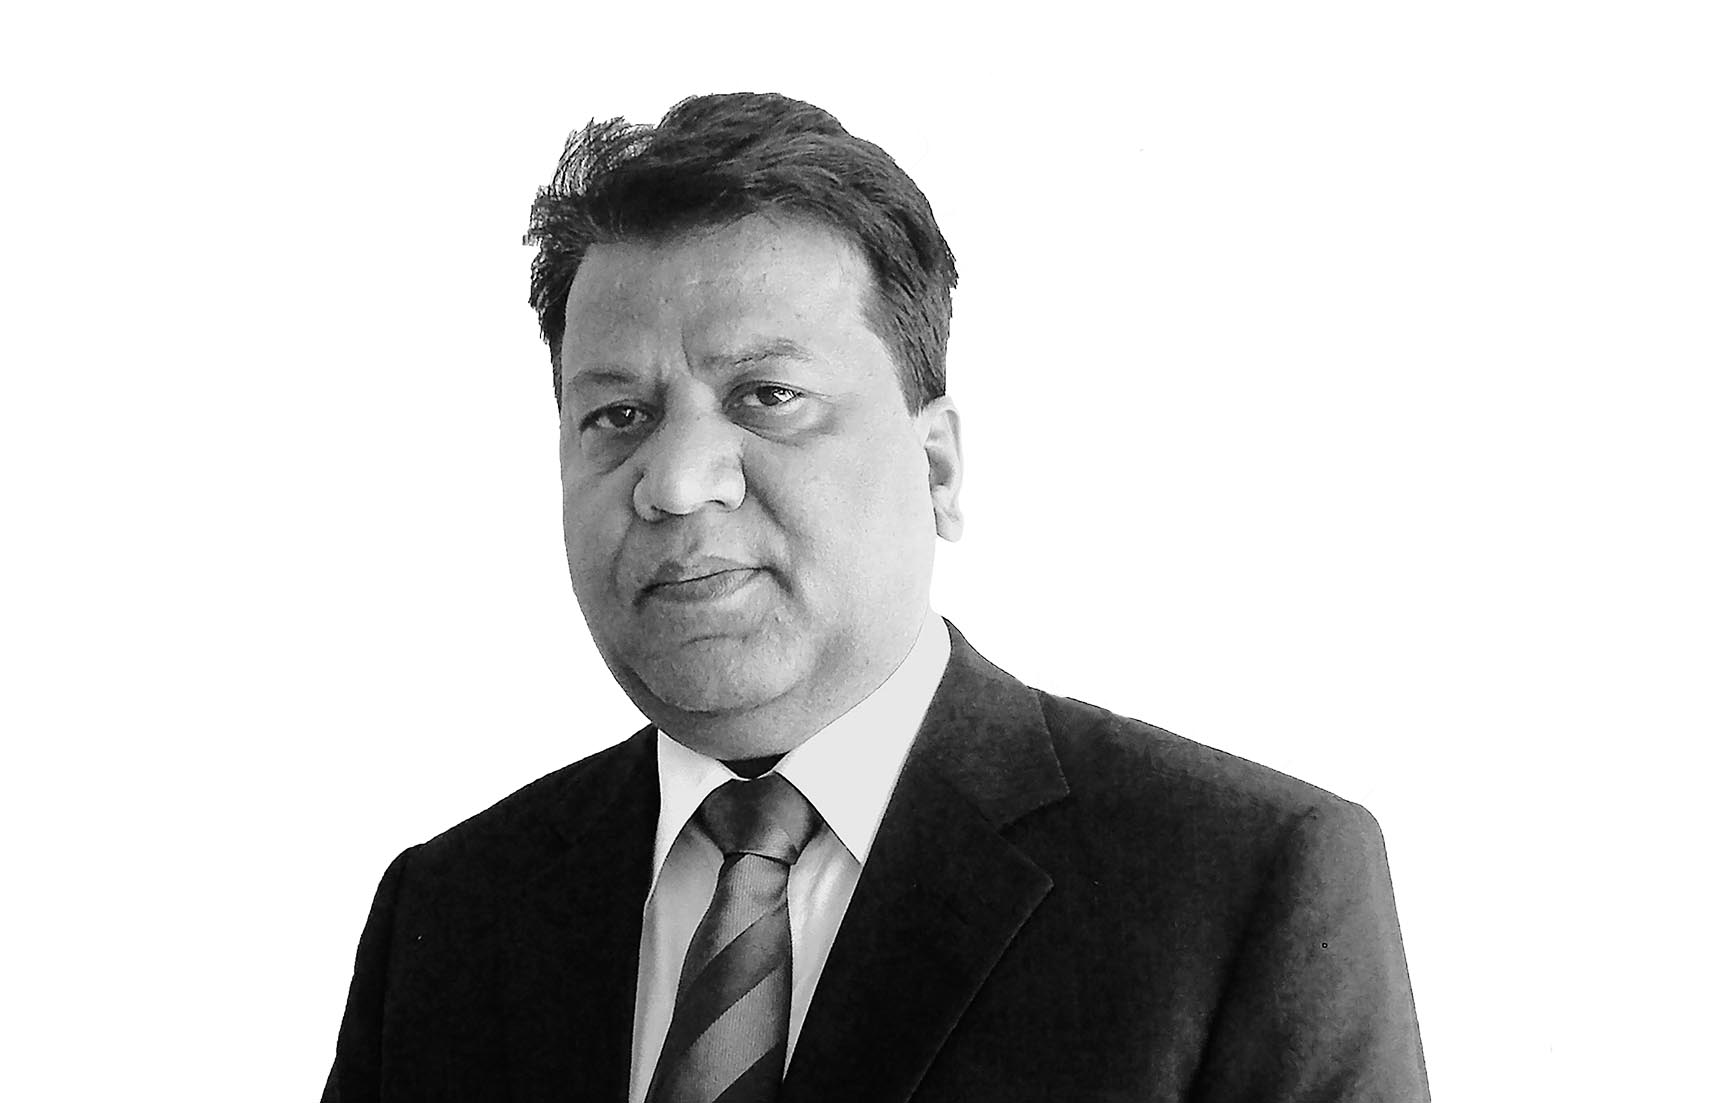 Syed Khateeb Zaidi